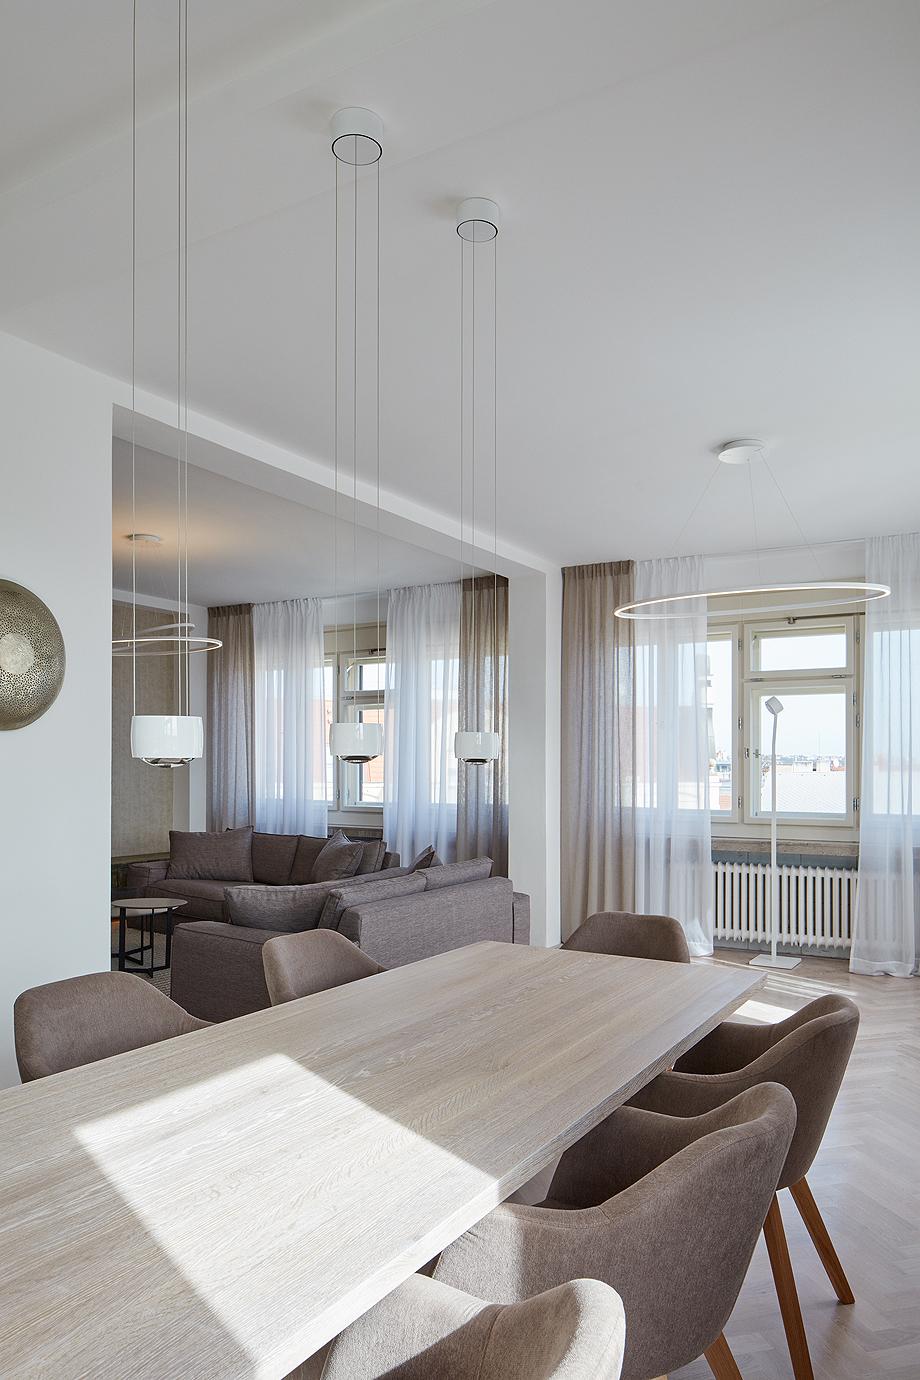 apartamento hamrova letna apartment objectum (9)